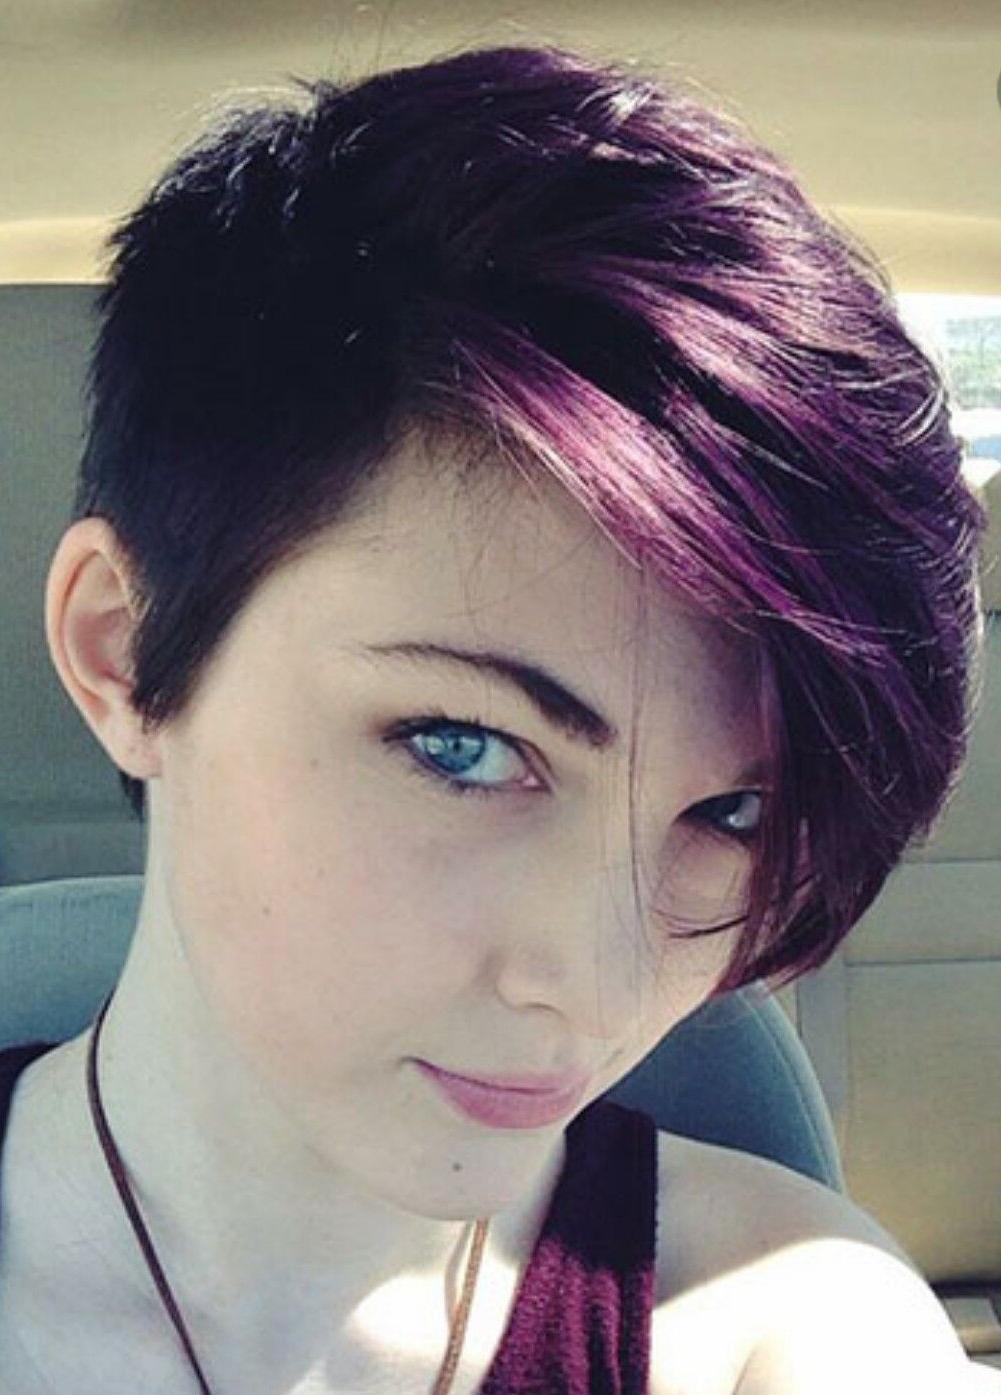 Short Hair, Long Side Bangs, Dark Purple Hair Color   Hair In 2018 For Short Haircuts With Long Side Bangs (View 3 of 25)